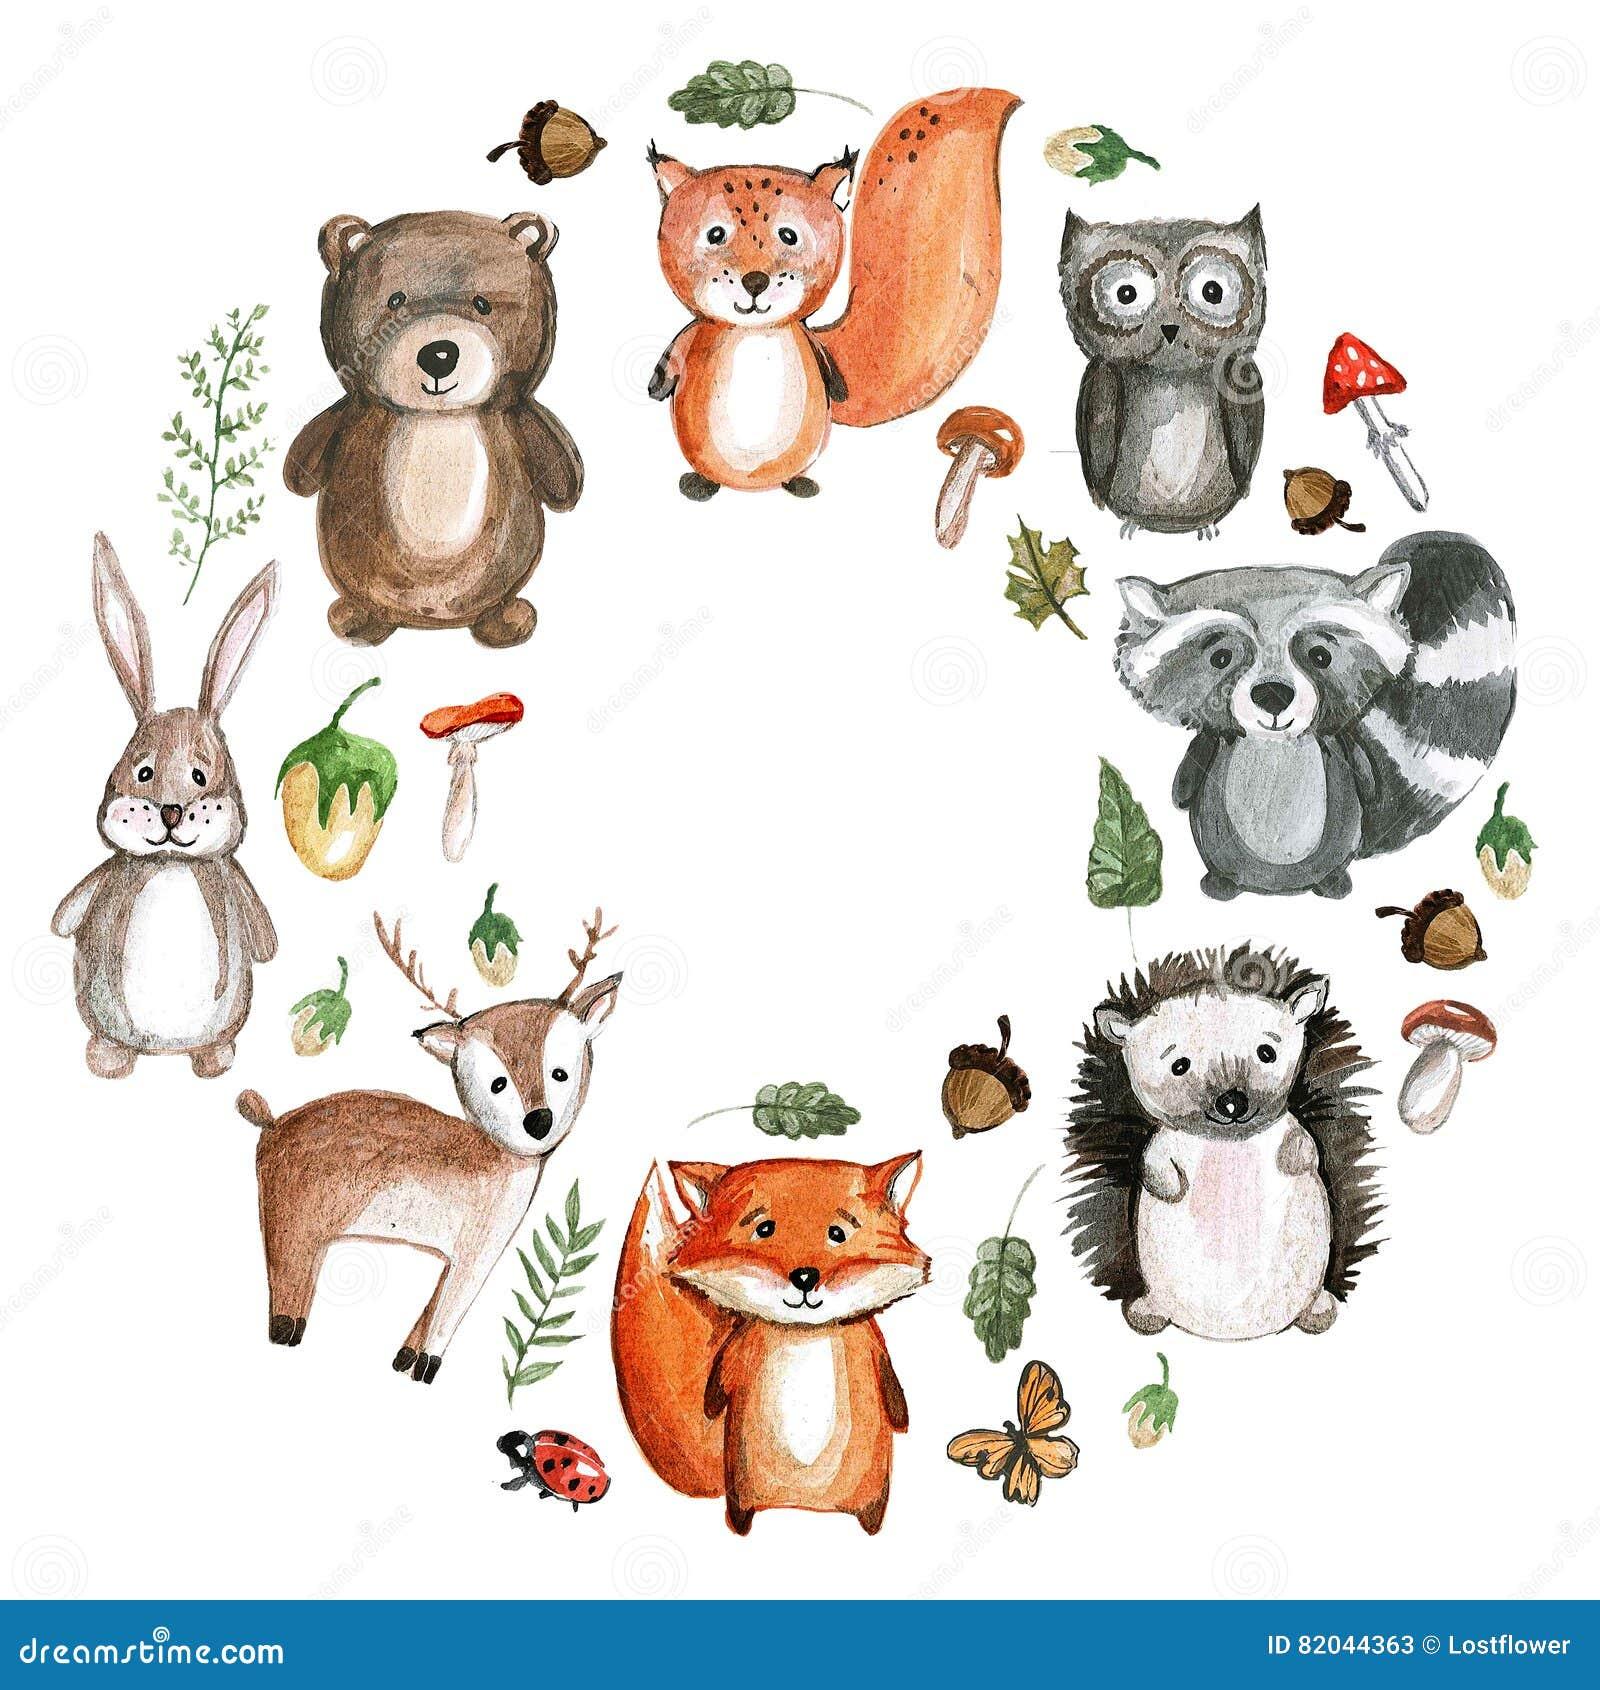 Cute Woodland Animals Watercolor Images Kindergarten Zoo